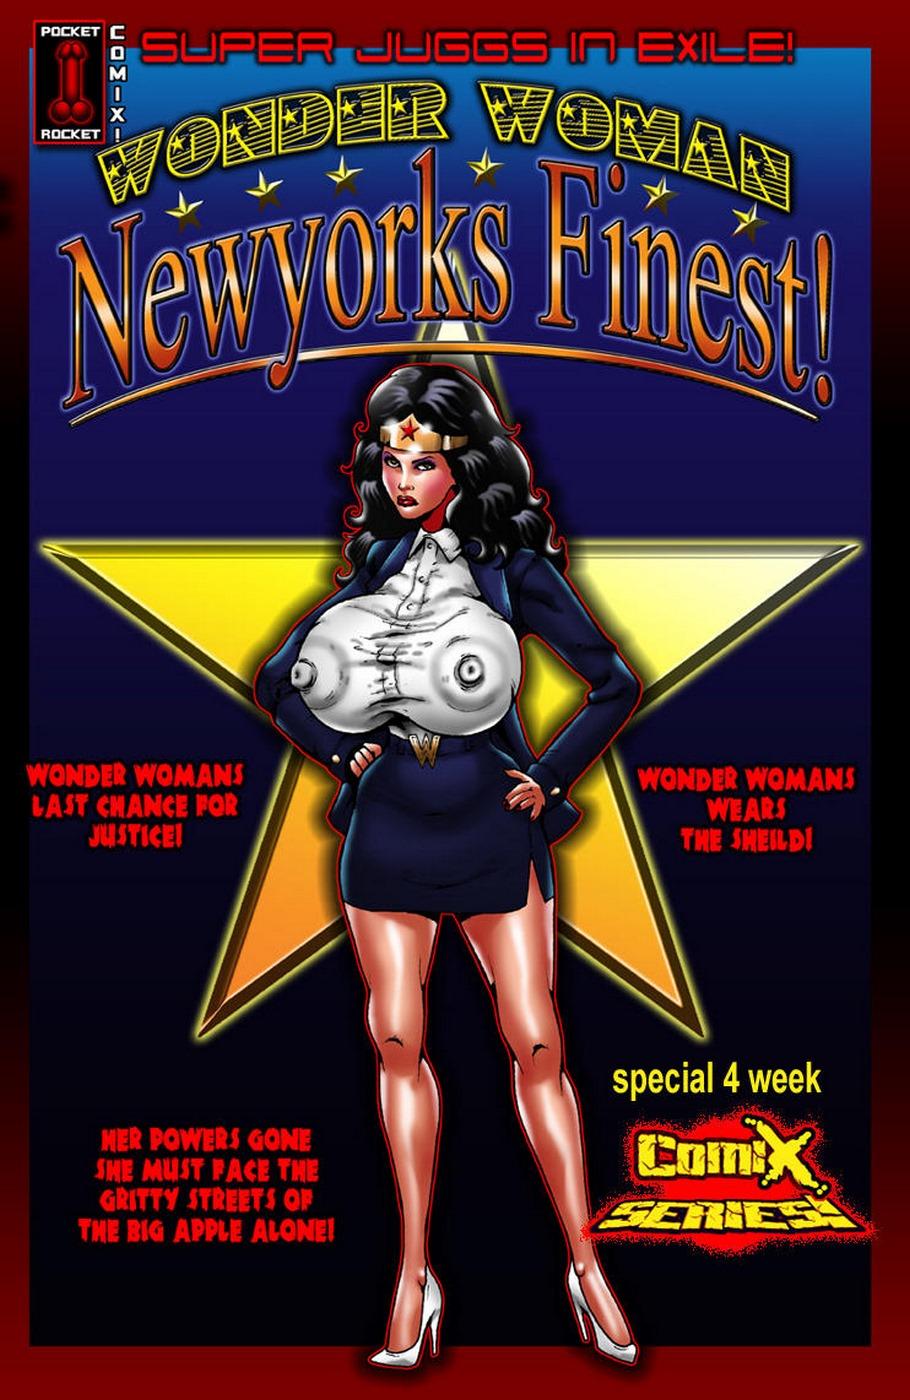 Wonder Woman Super Juggs In Exile